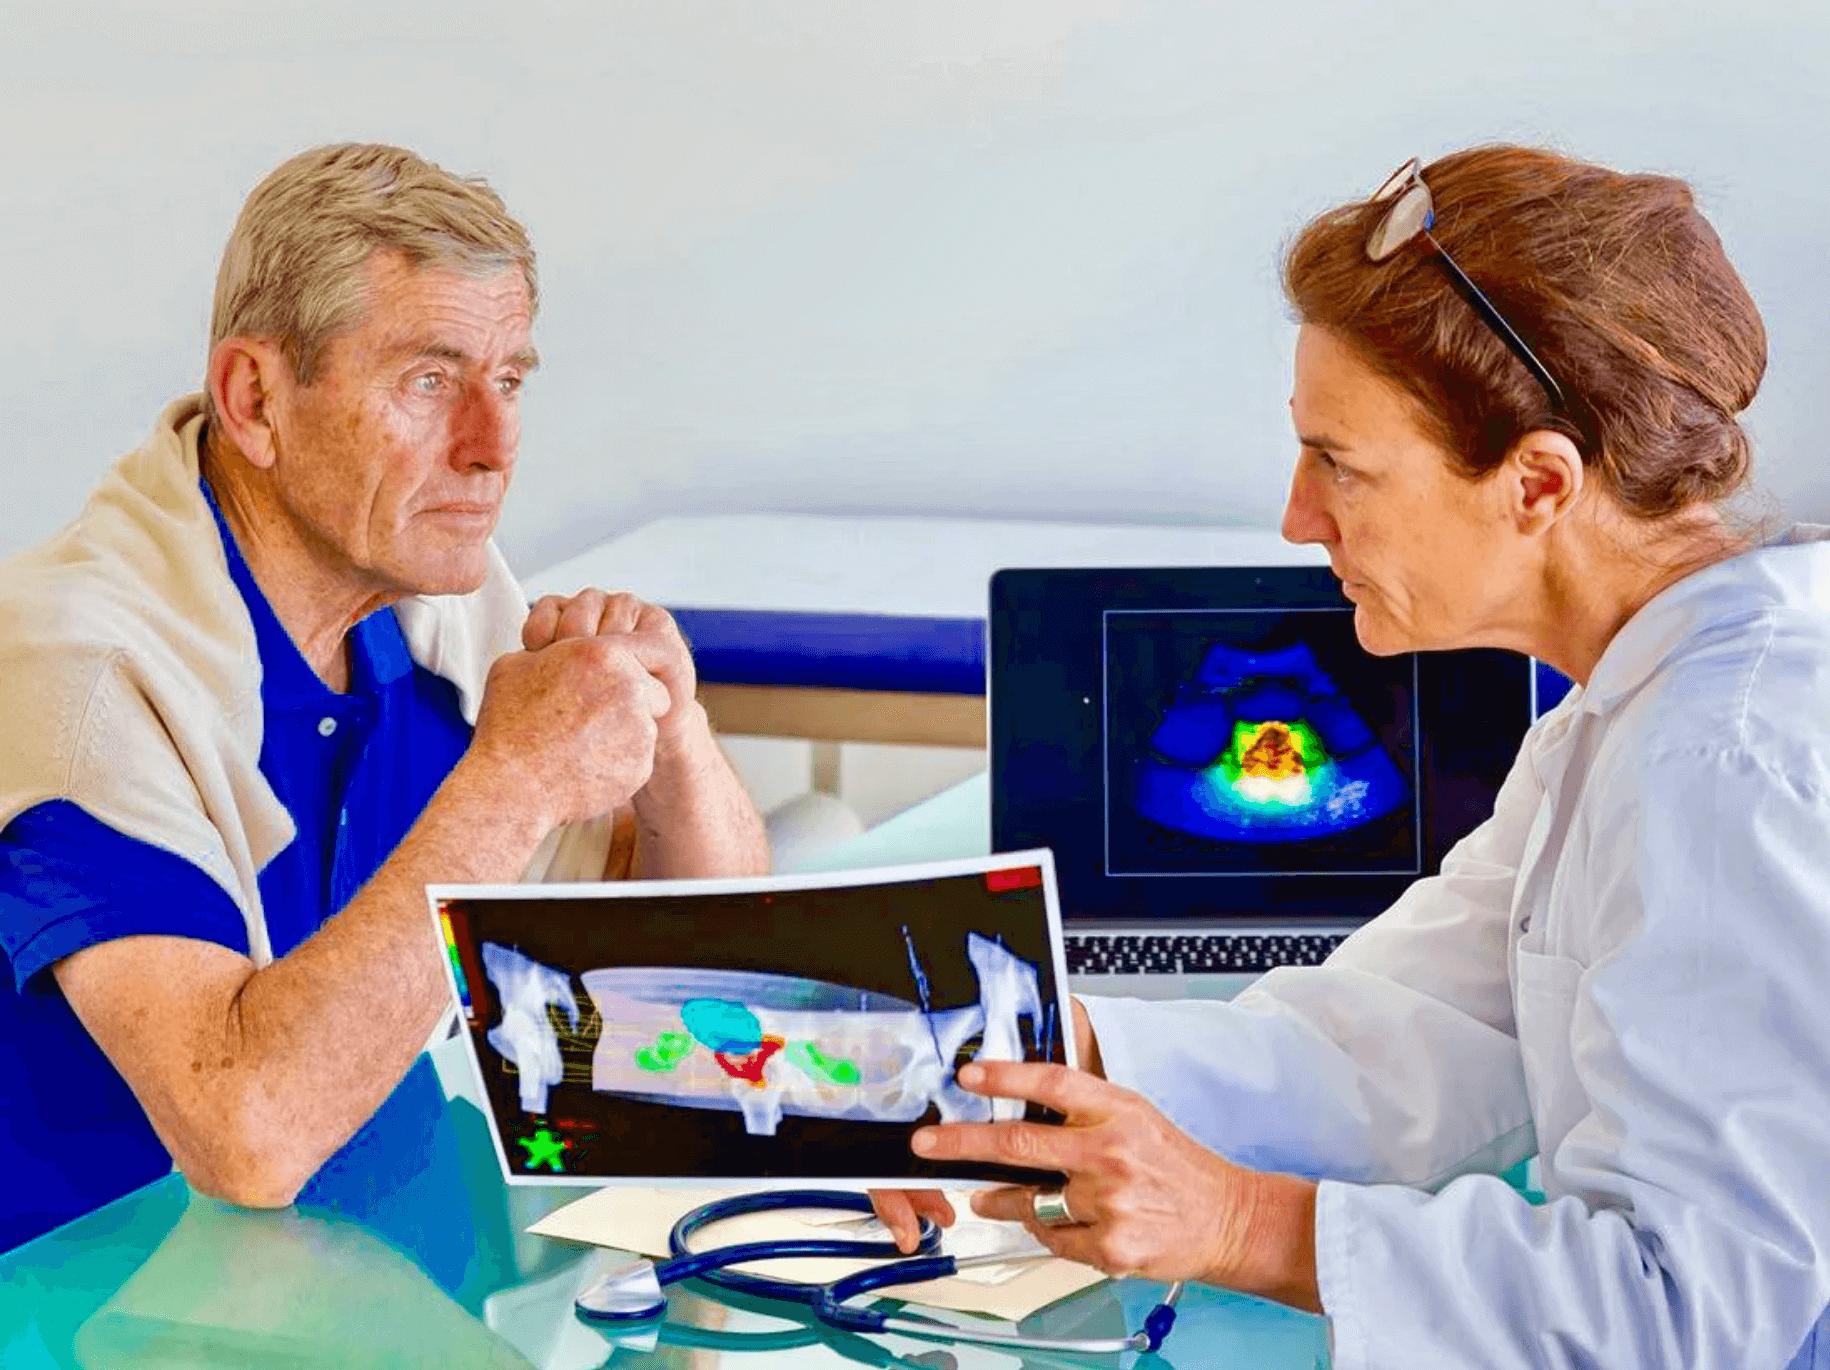 метастазы при раке простаты